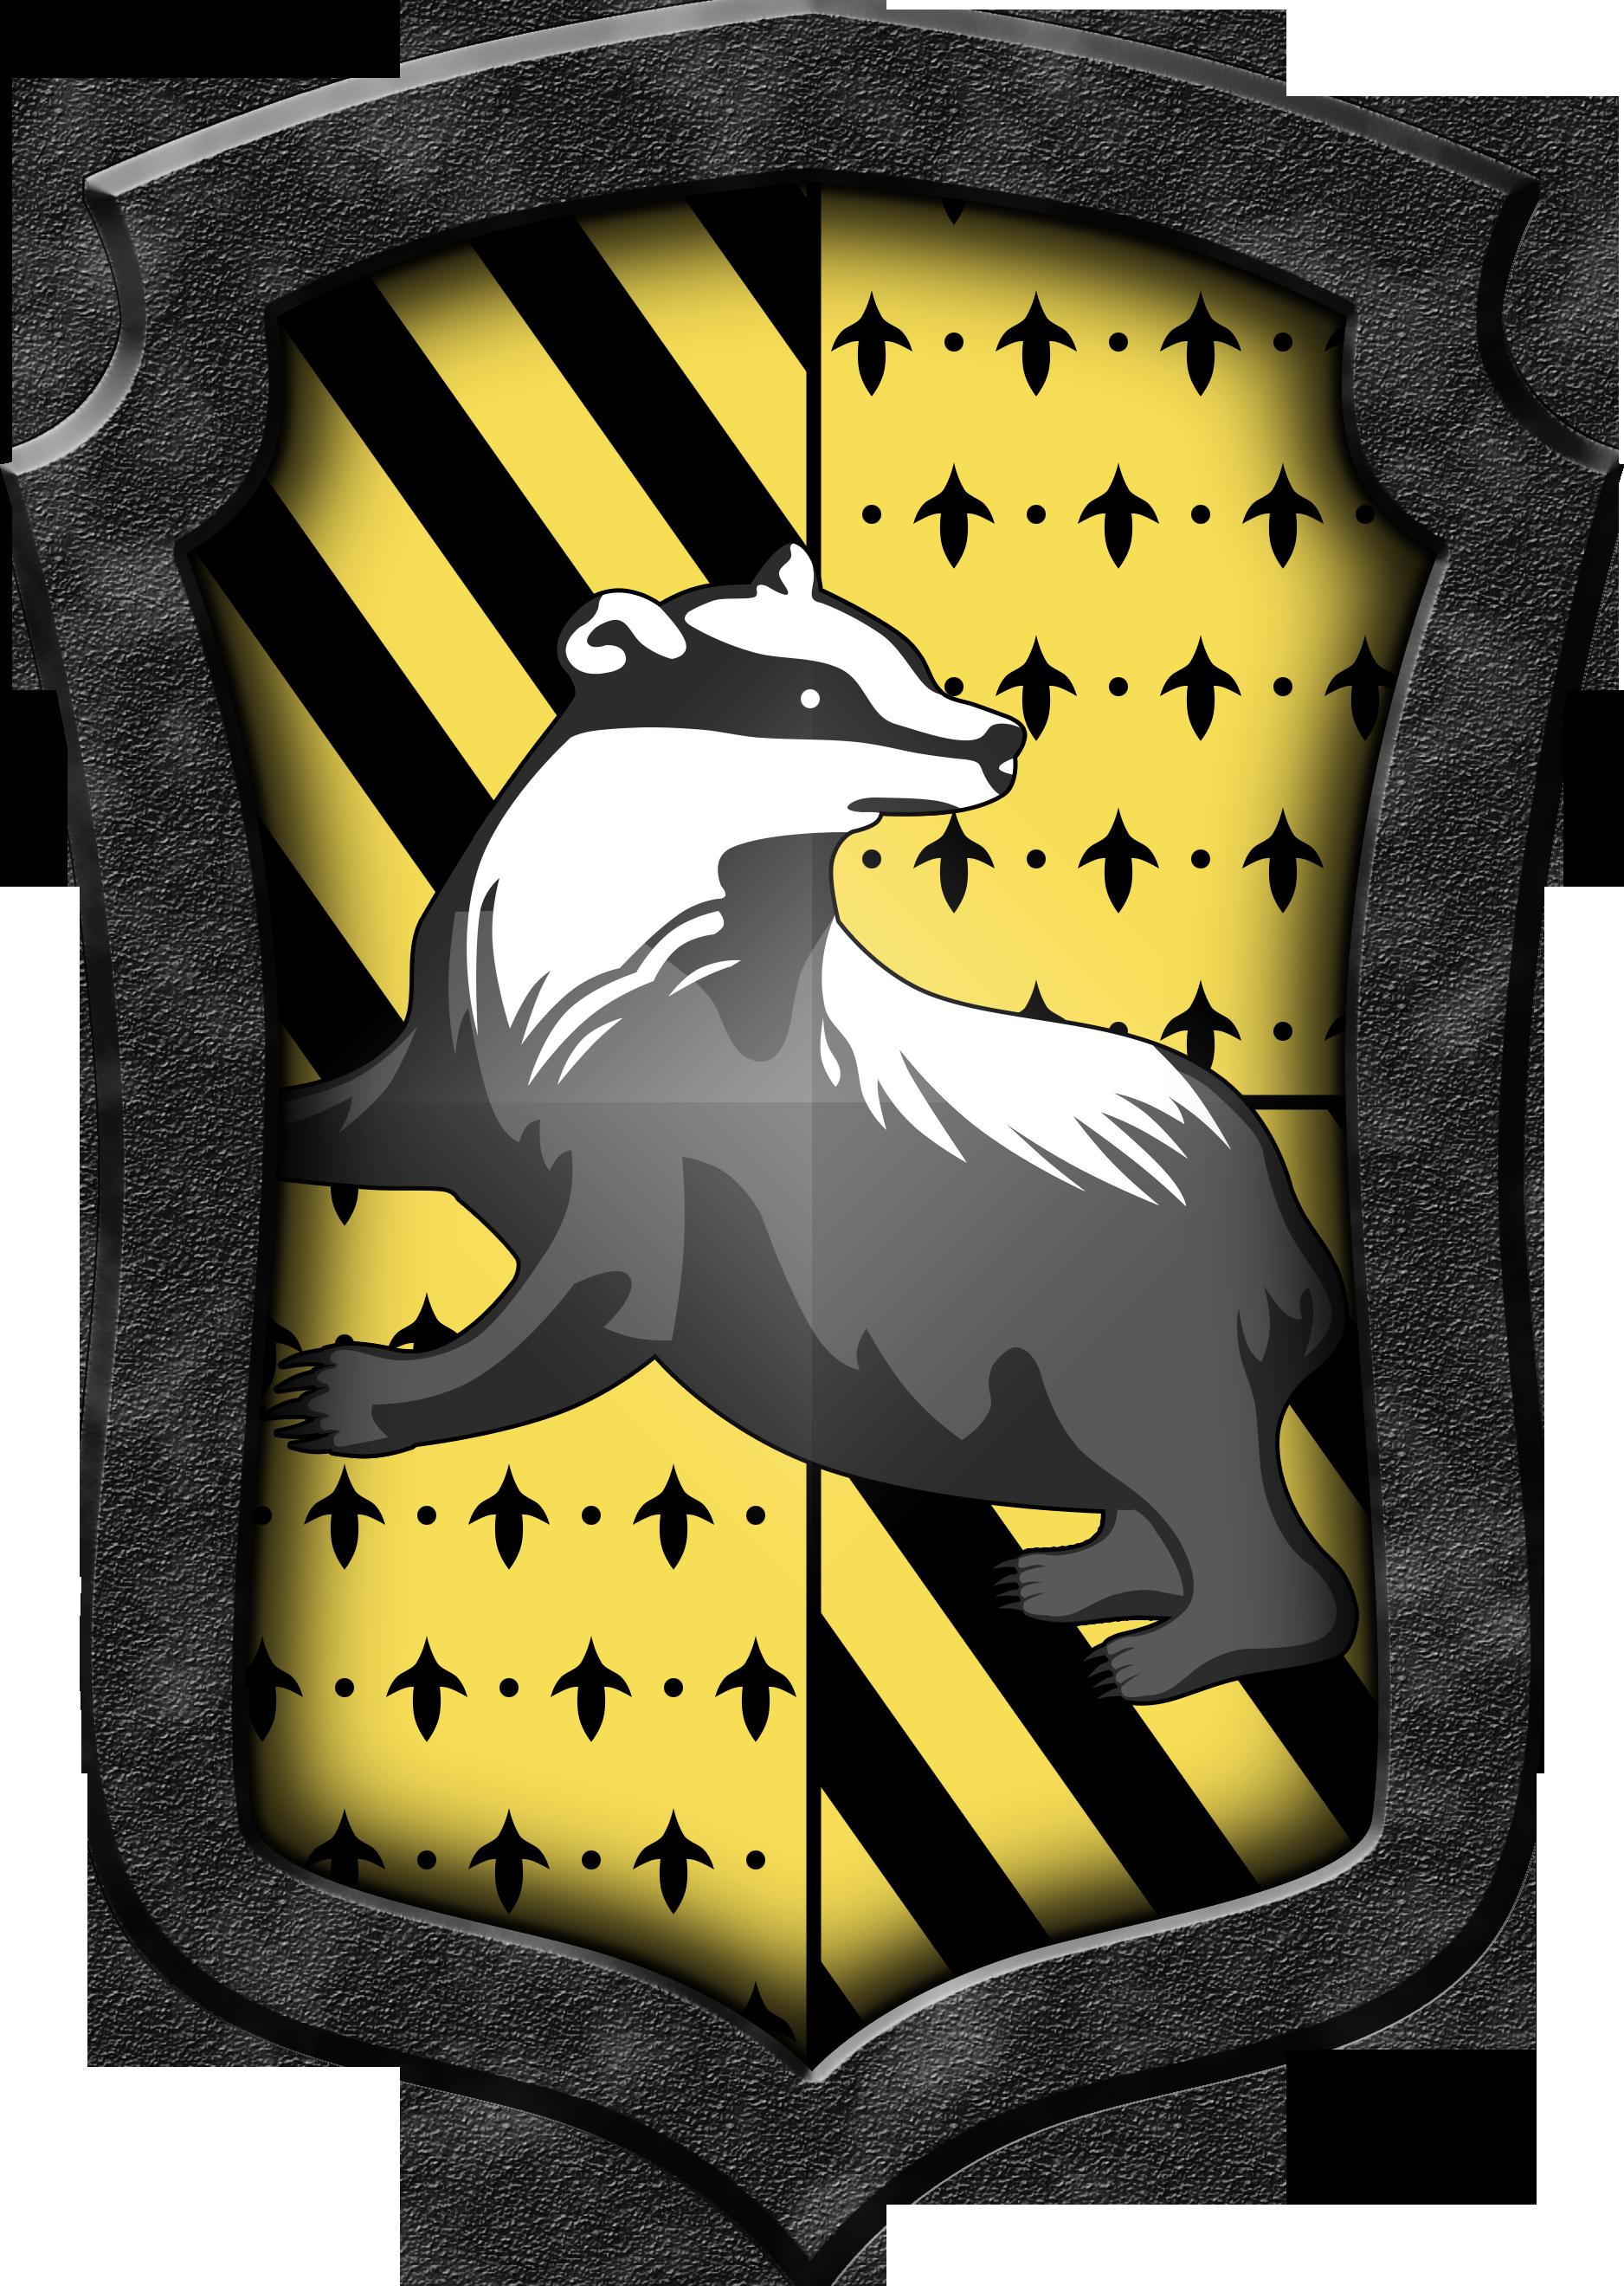 Hufflepuff Crest By Geijvontaen D665hvc Png 1 876 2 640 Pixels Harry Potter Hufflepuff Hufflepuff Hogwarts